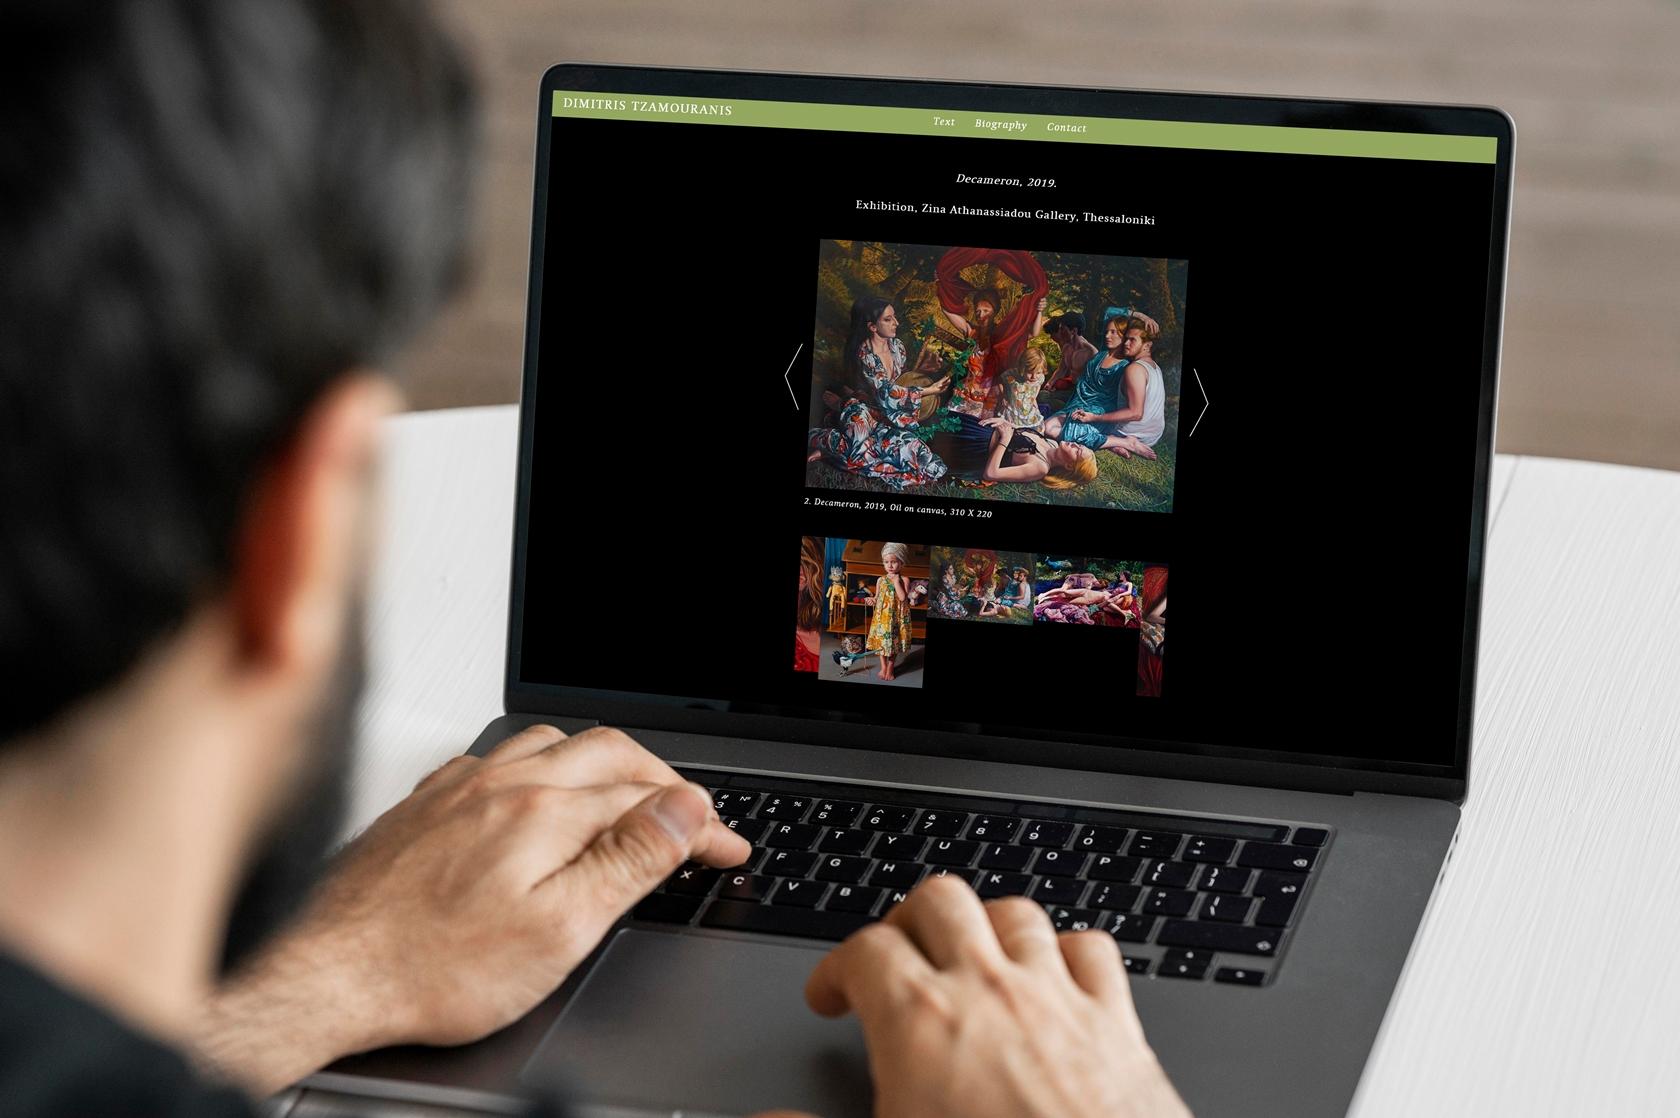 Dimitris tzamouranis - Sito.Express -Realizzazione siti web per artista - Roma